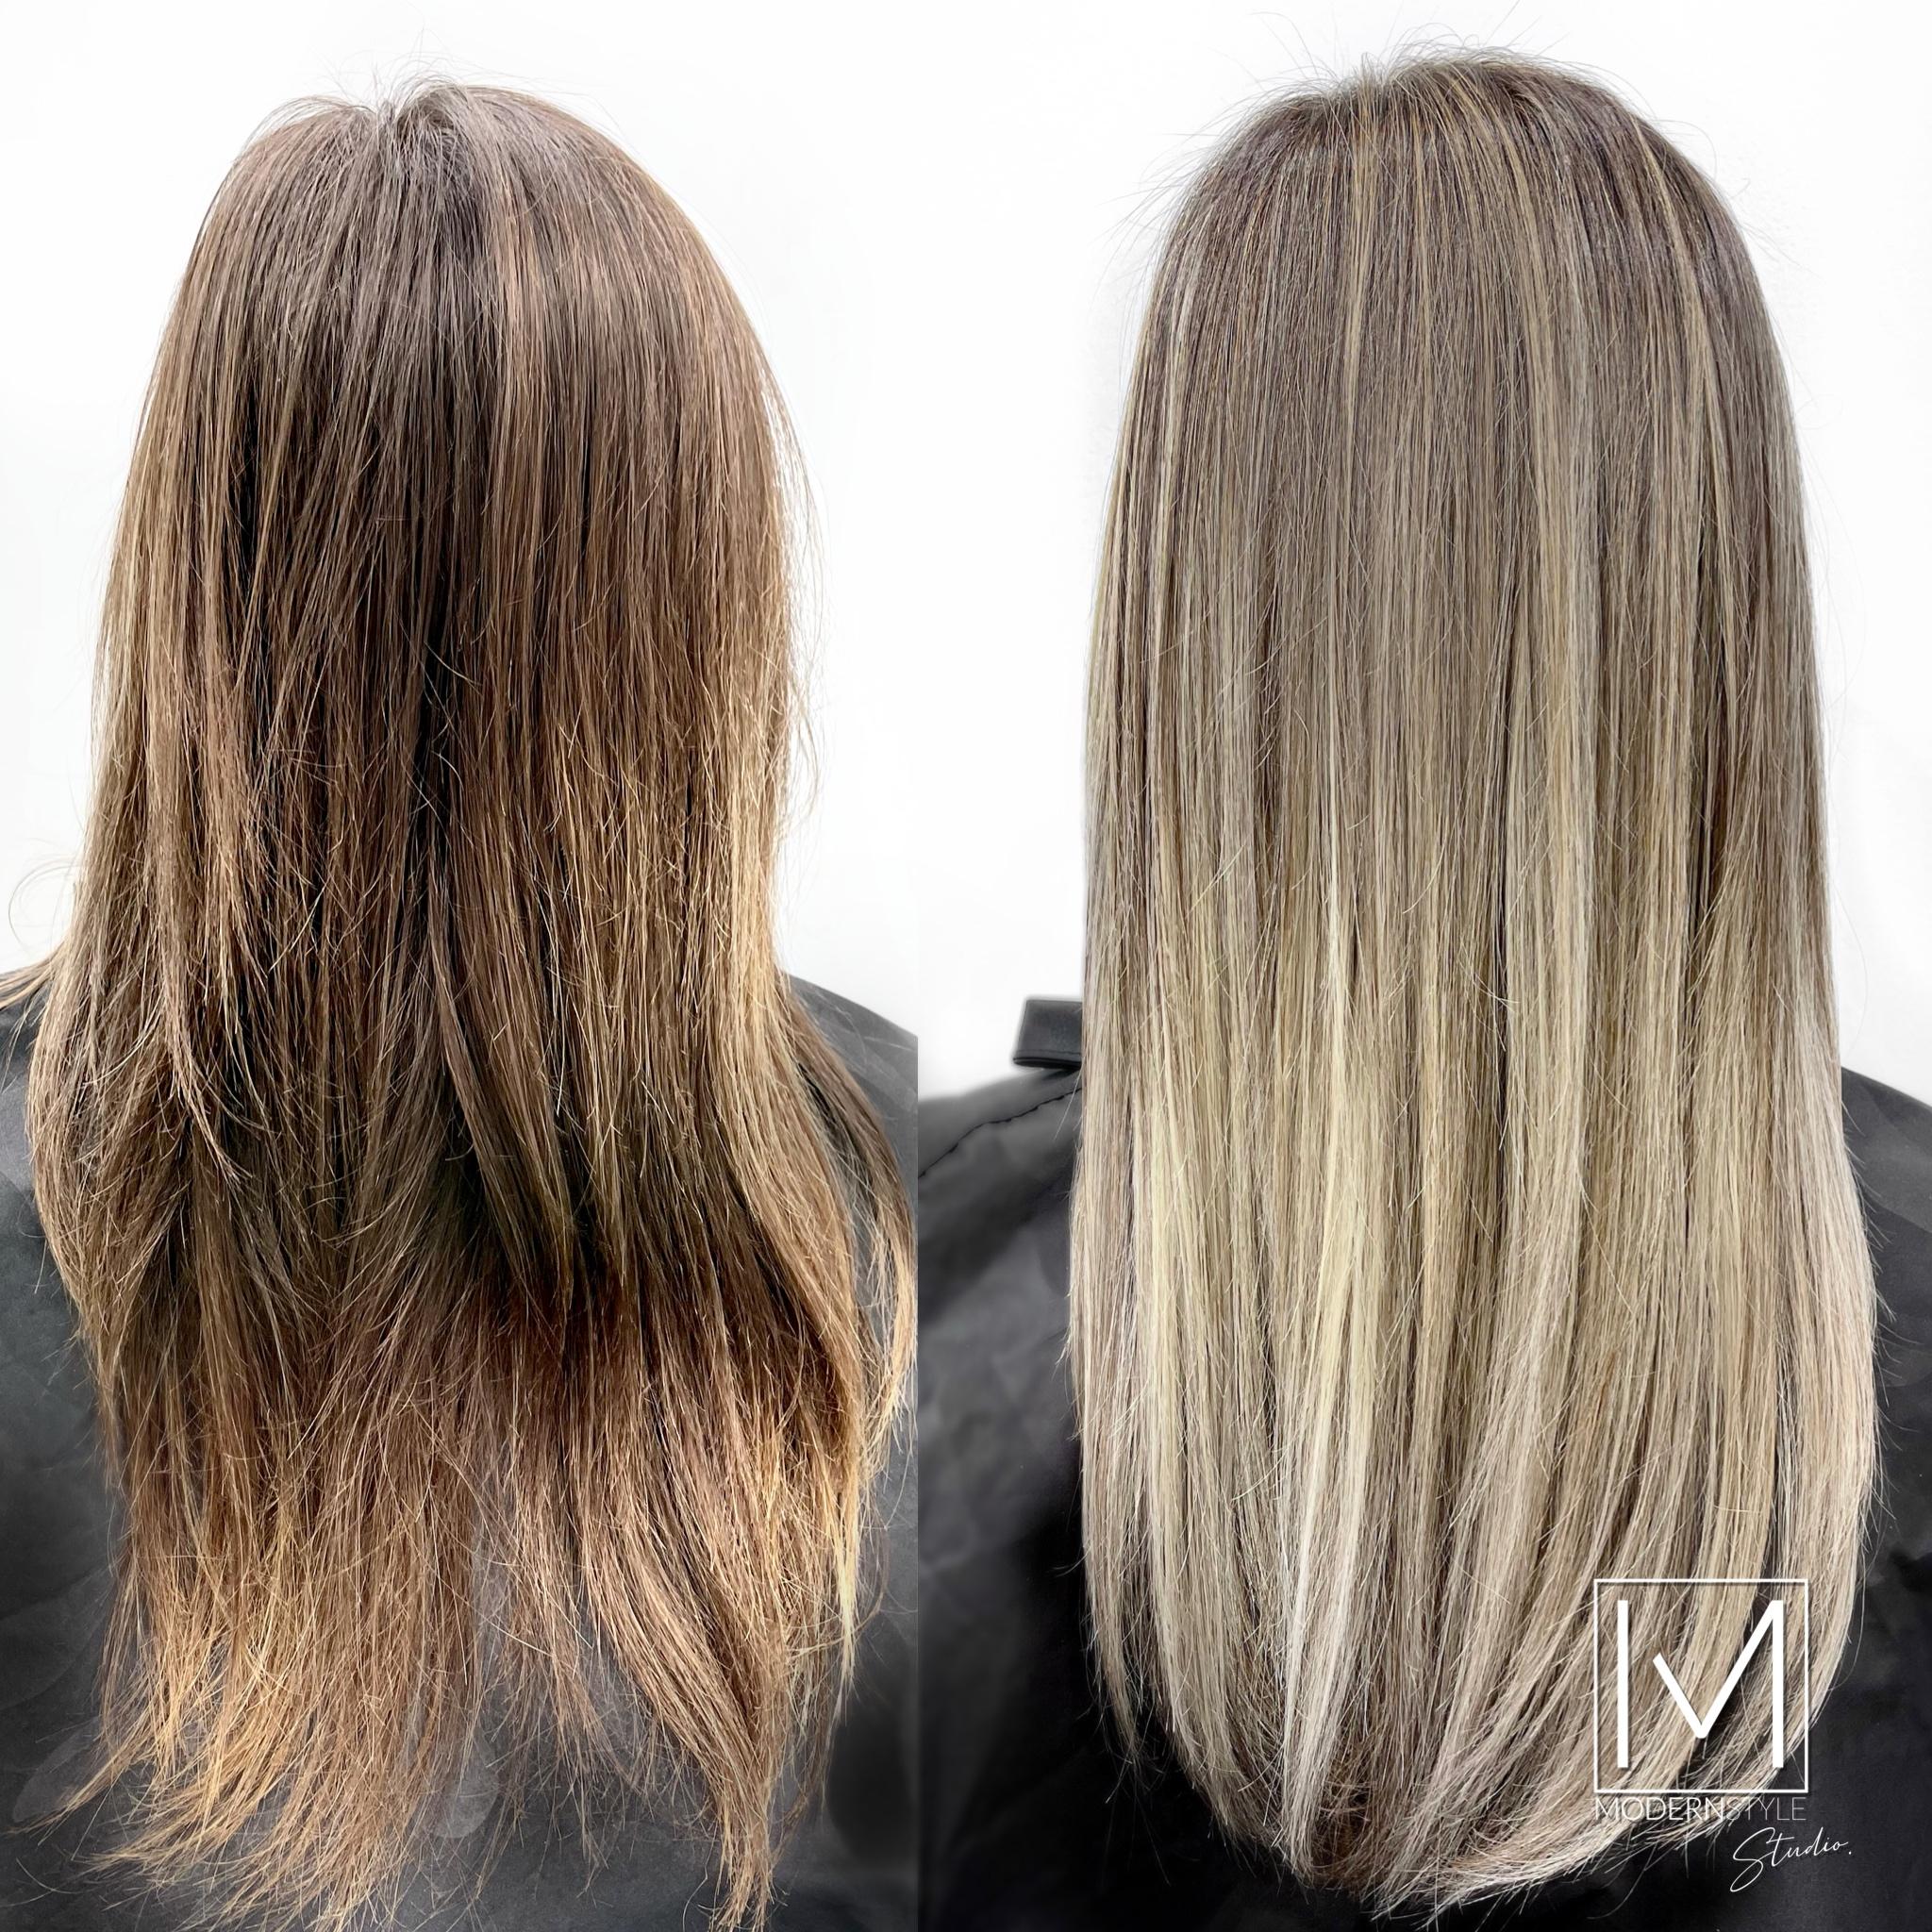 Hair salons near me, Color Correction specialist near me, top hair salons near me, best hair stylist near me, top colorists near me, best balayage Charlotte